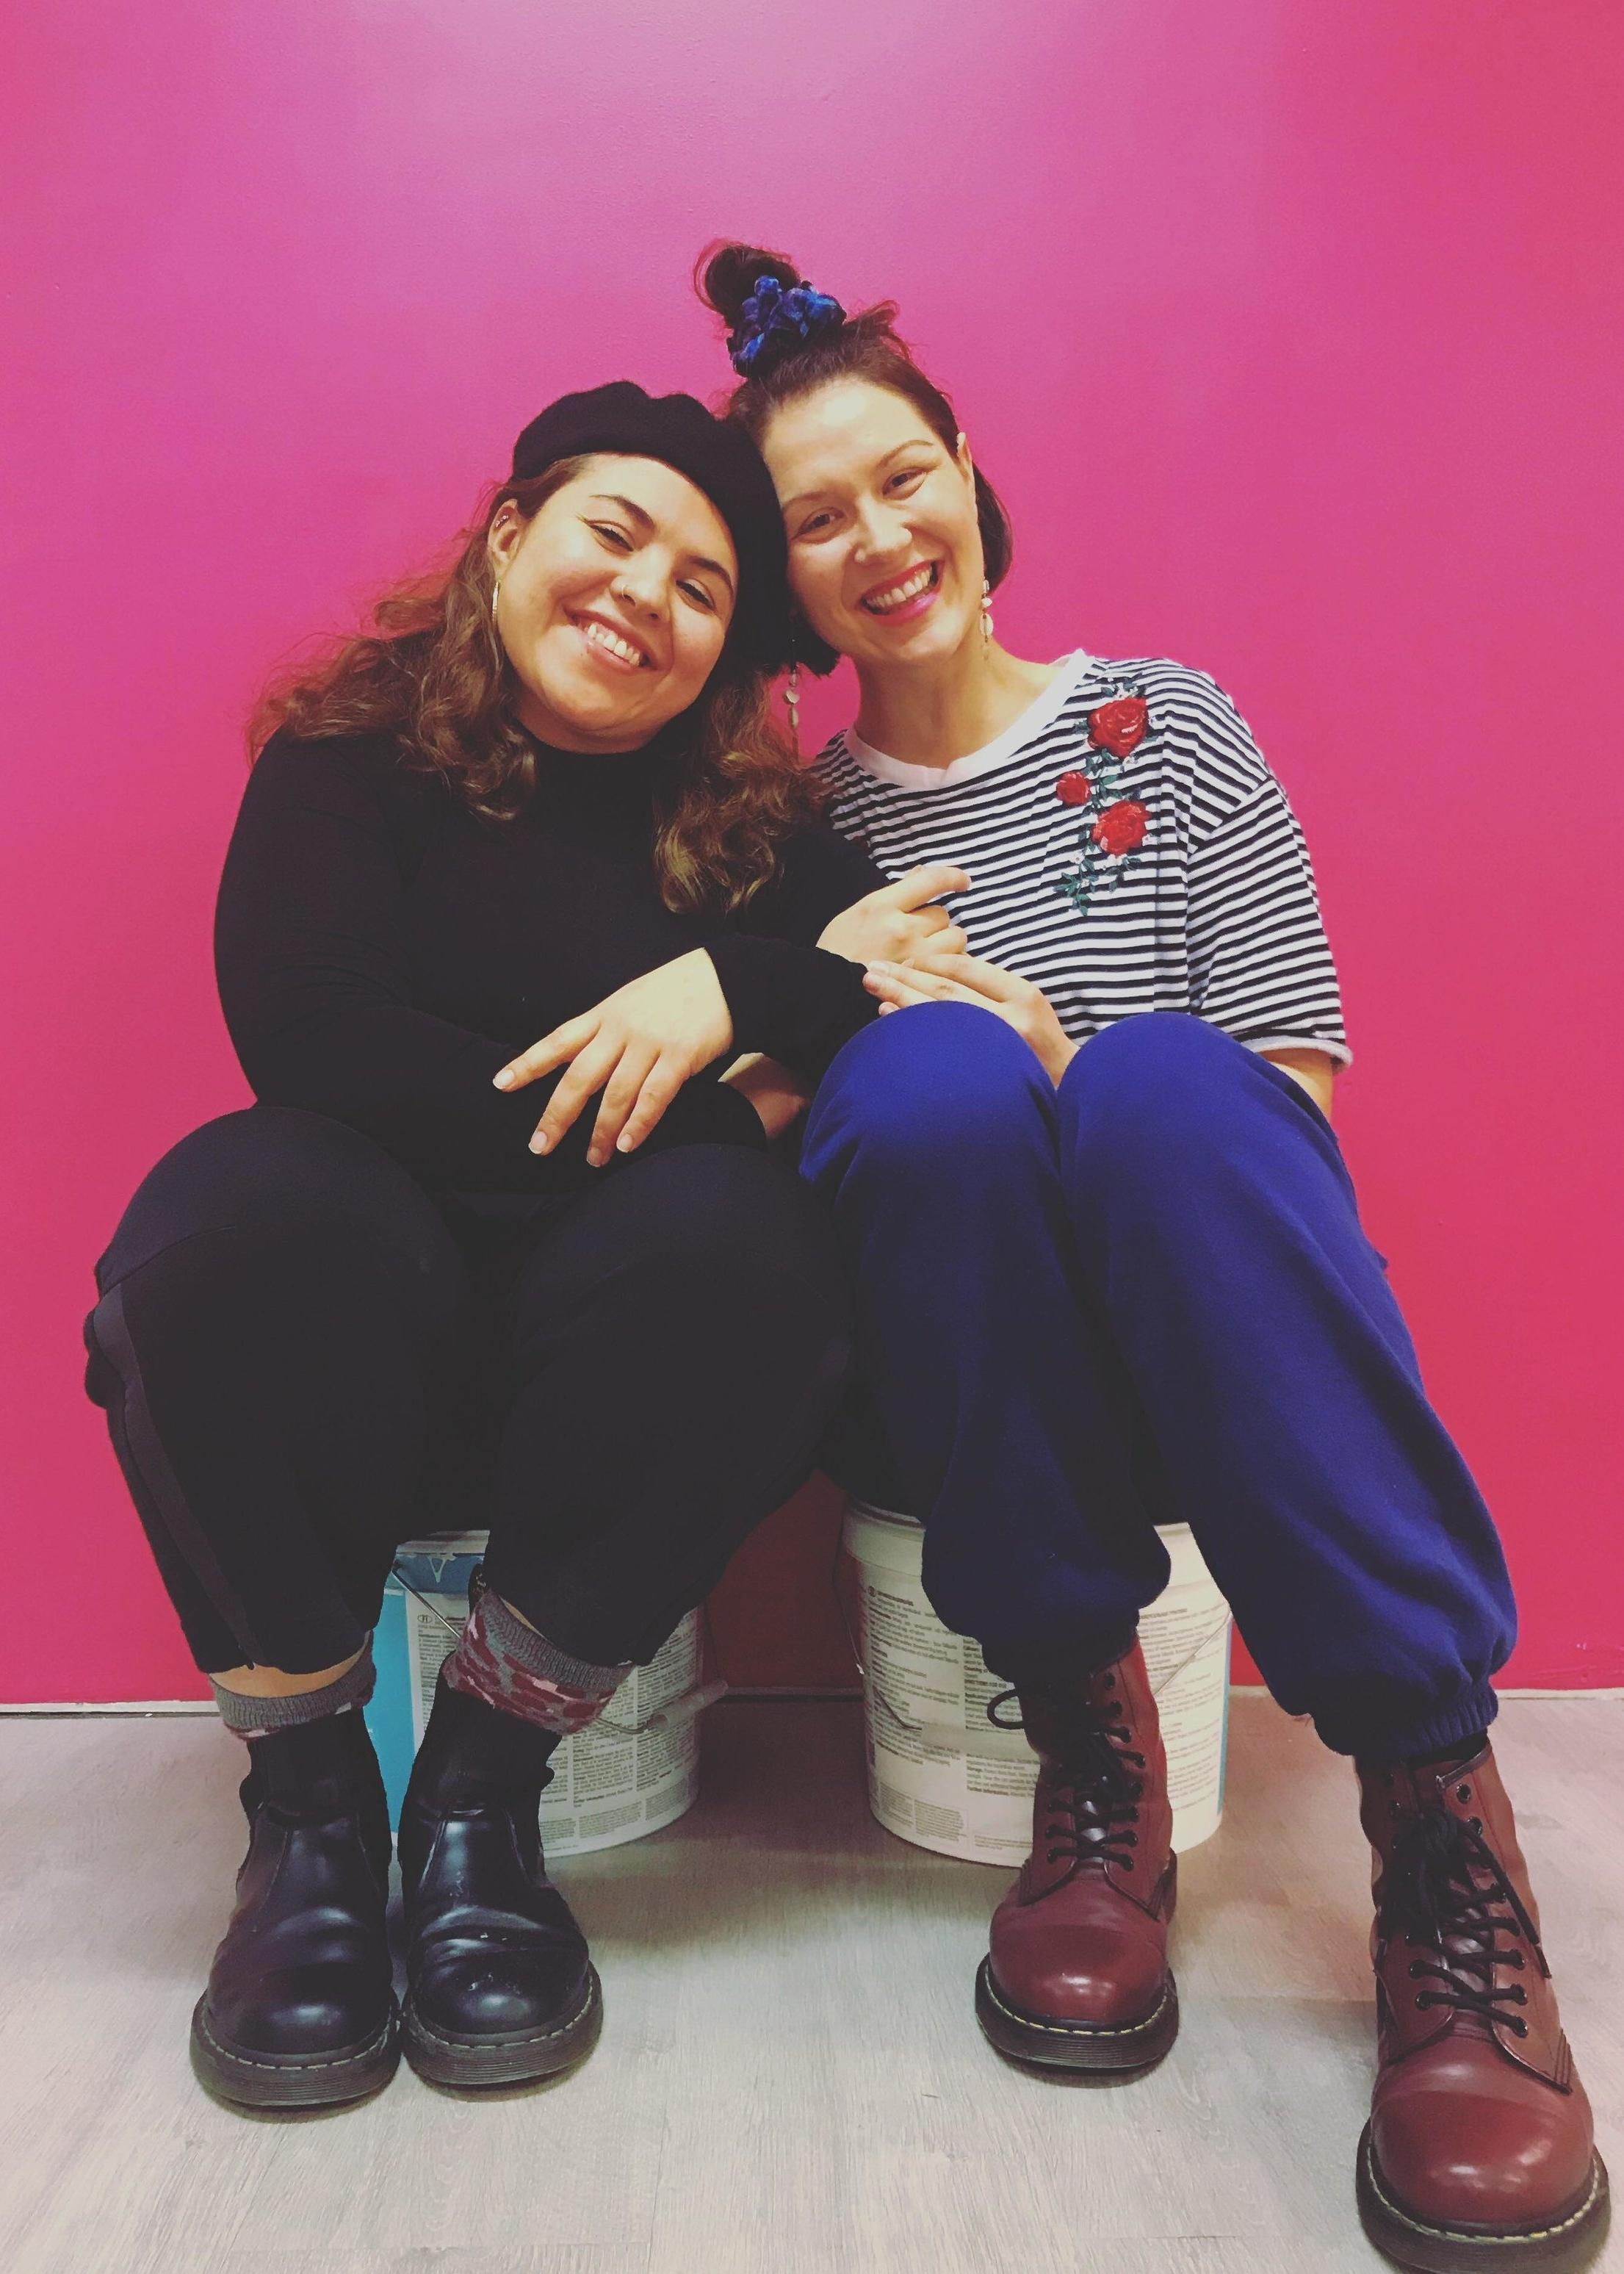 Sumi Moreno ja Sanna Yrjänheikki aloittivat yhteistyön Hiushuone Dandyn aloittaessa toiminnan Pihasalin tiloissa.